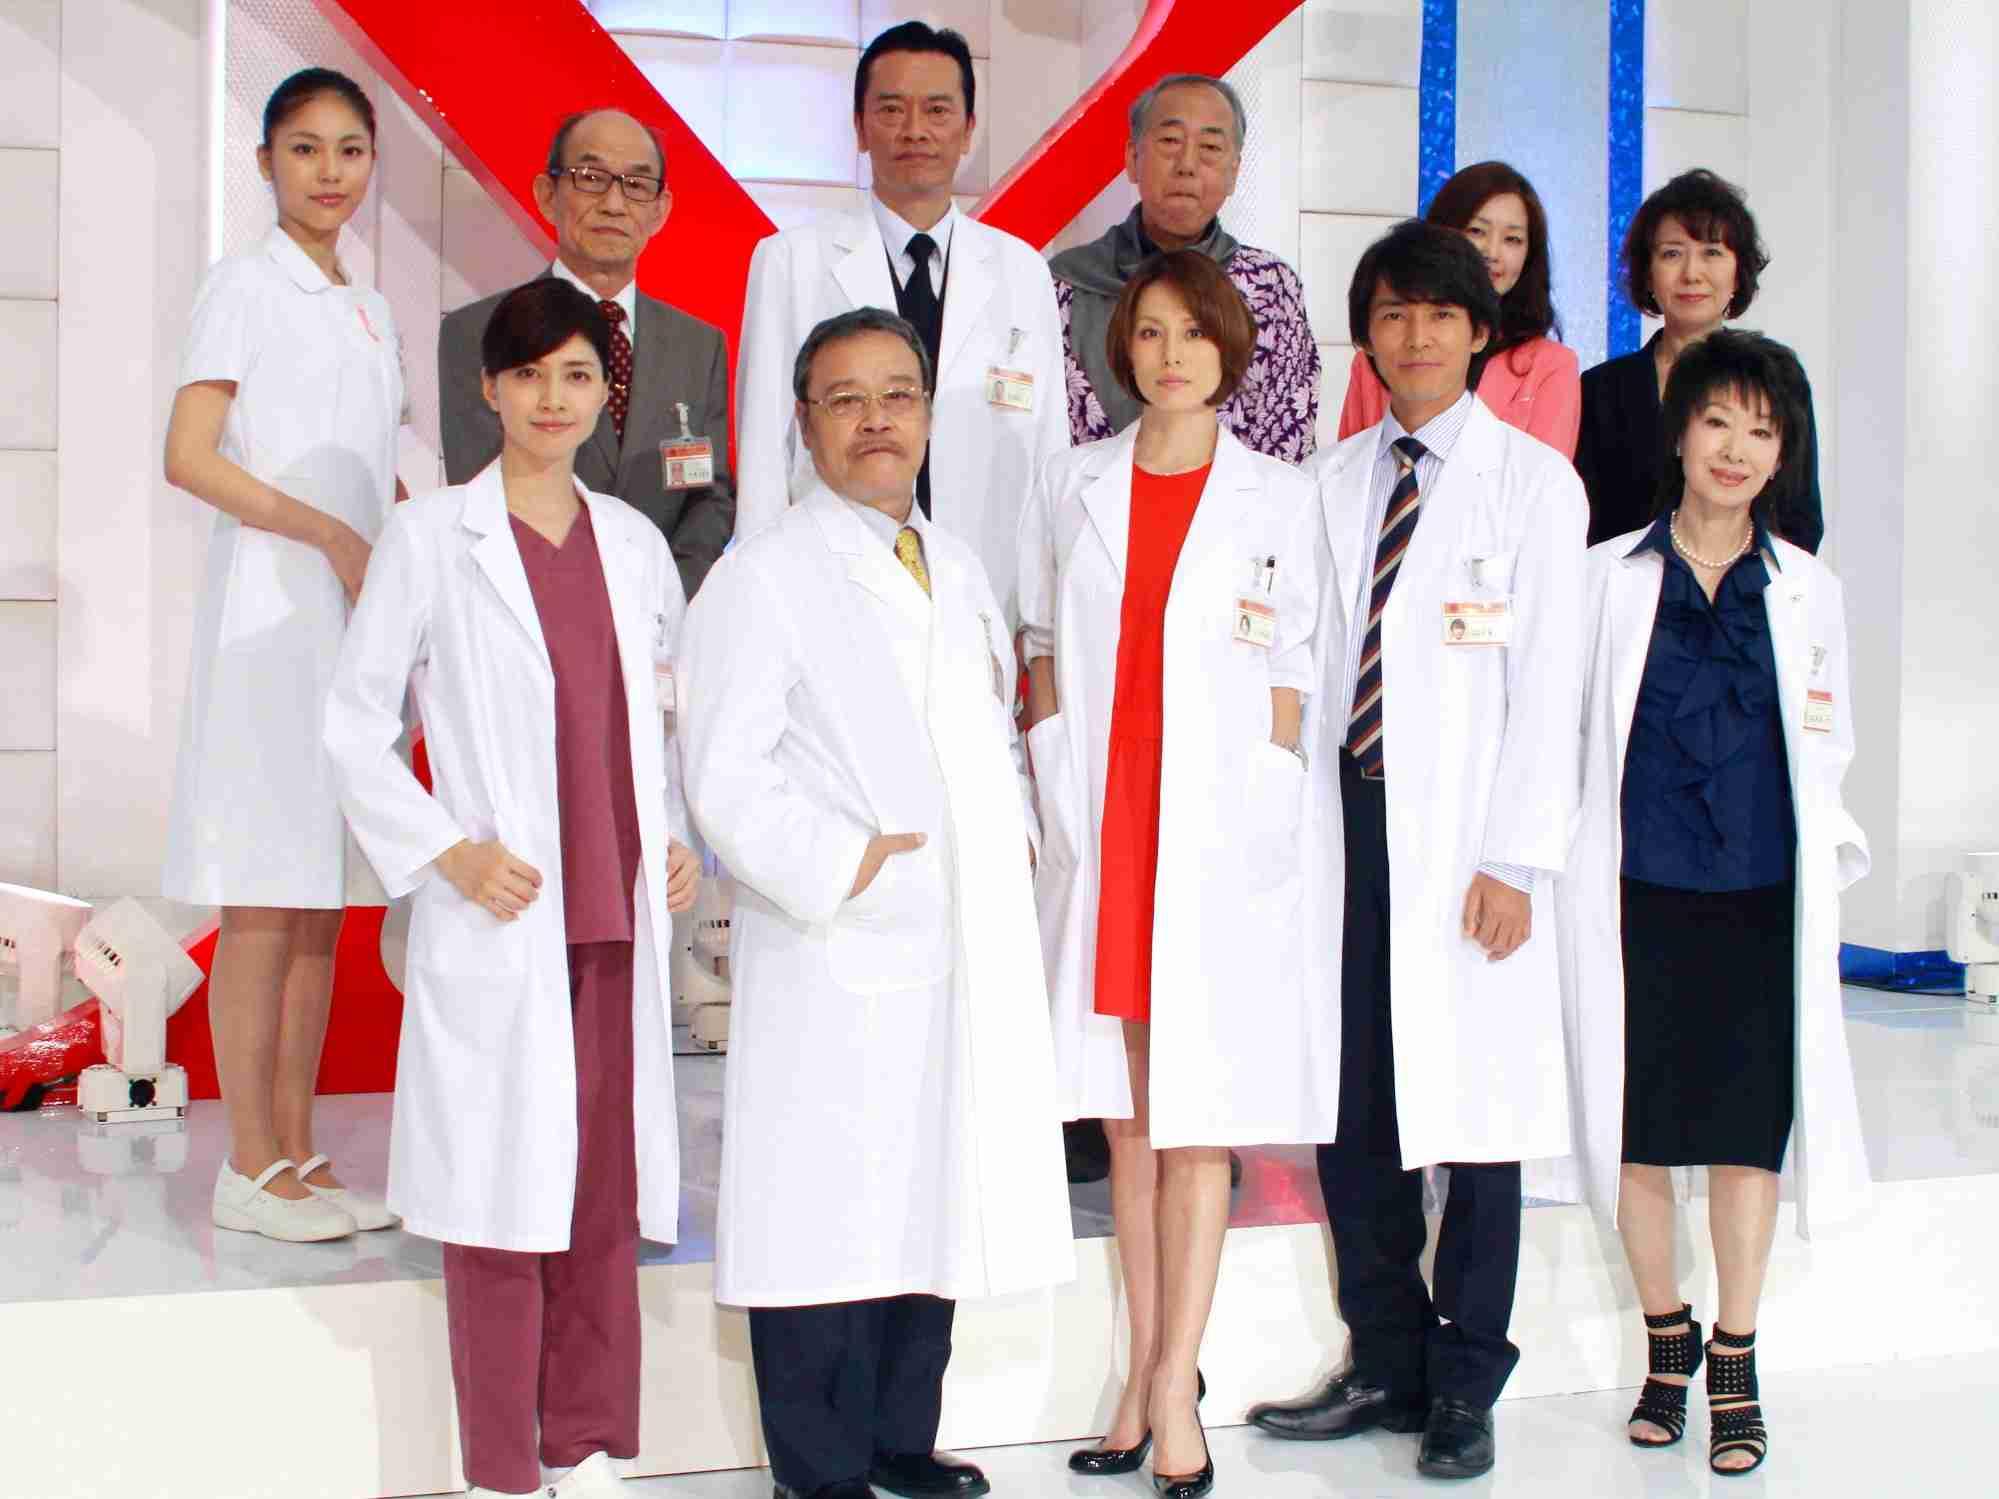 勝村政信が「ドクターX」に帰ってきた!最終回ゲスト出演決定<コメント到着>